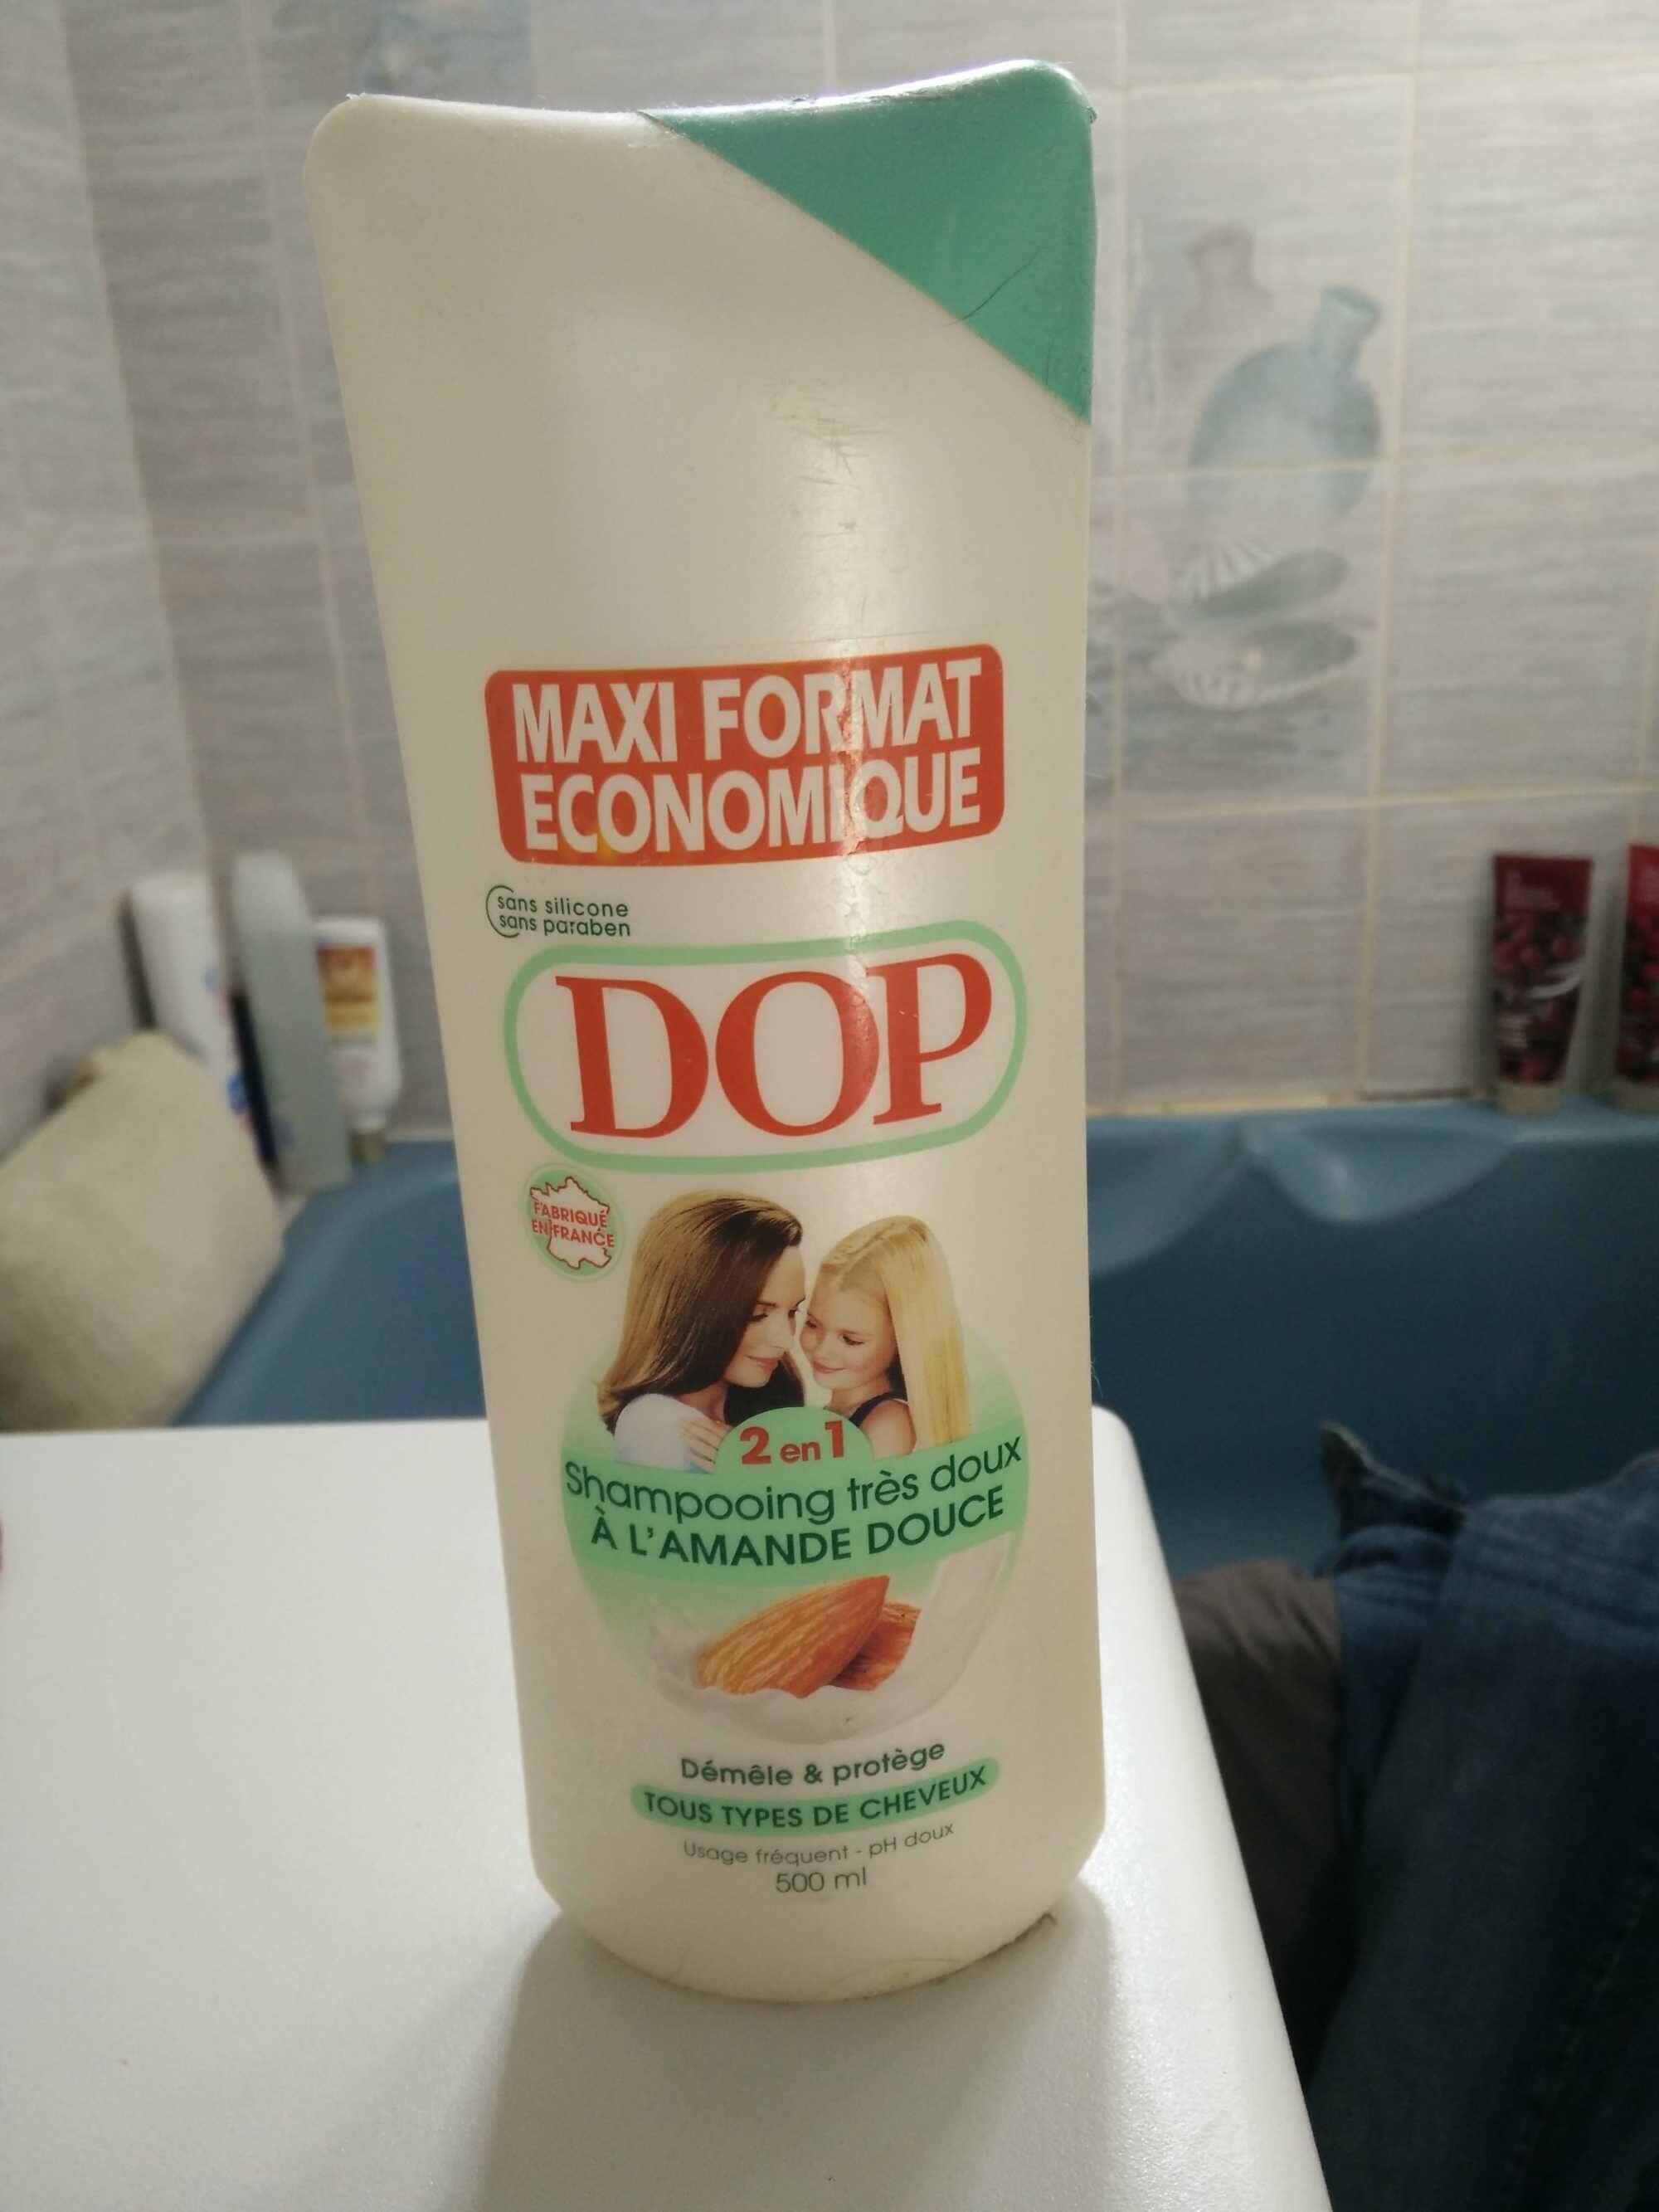 Dop shampoing très doux 2 en 1 amande douce - Product